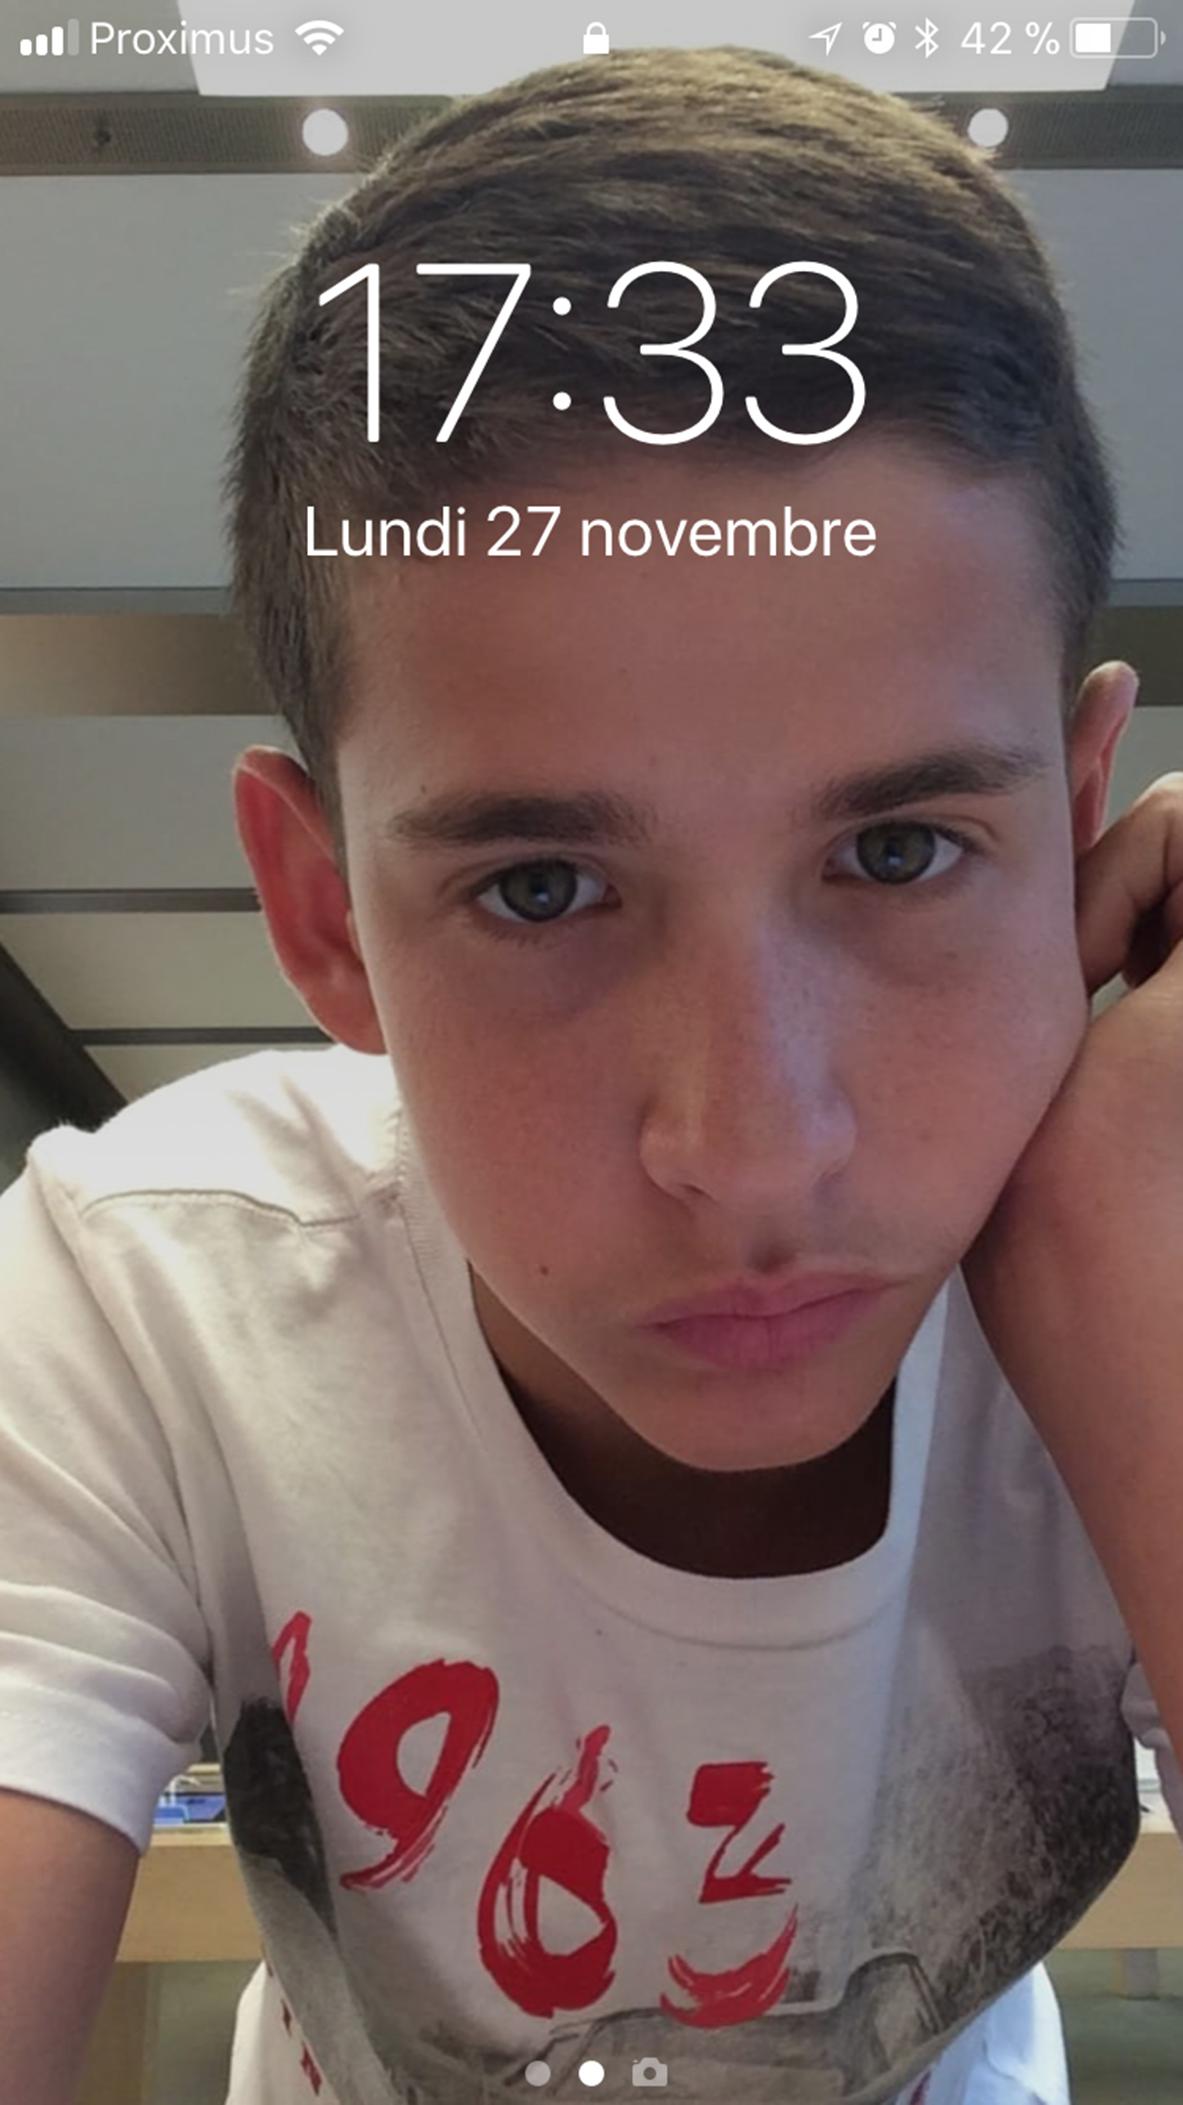 henri-doyen-ecranipad-selfie.jpg